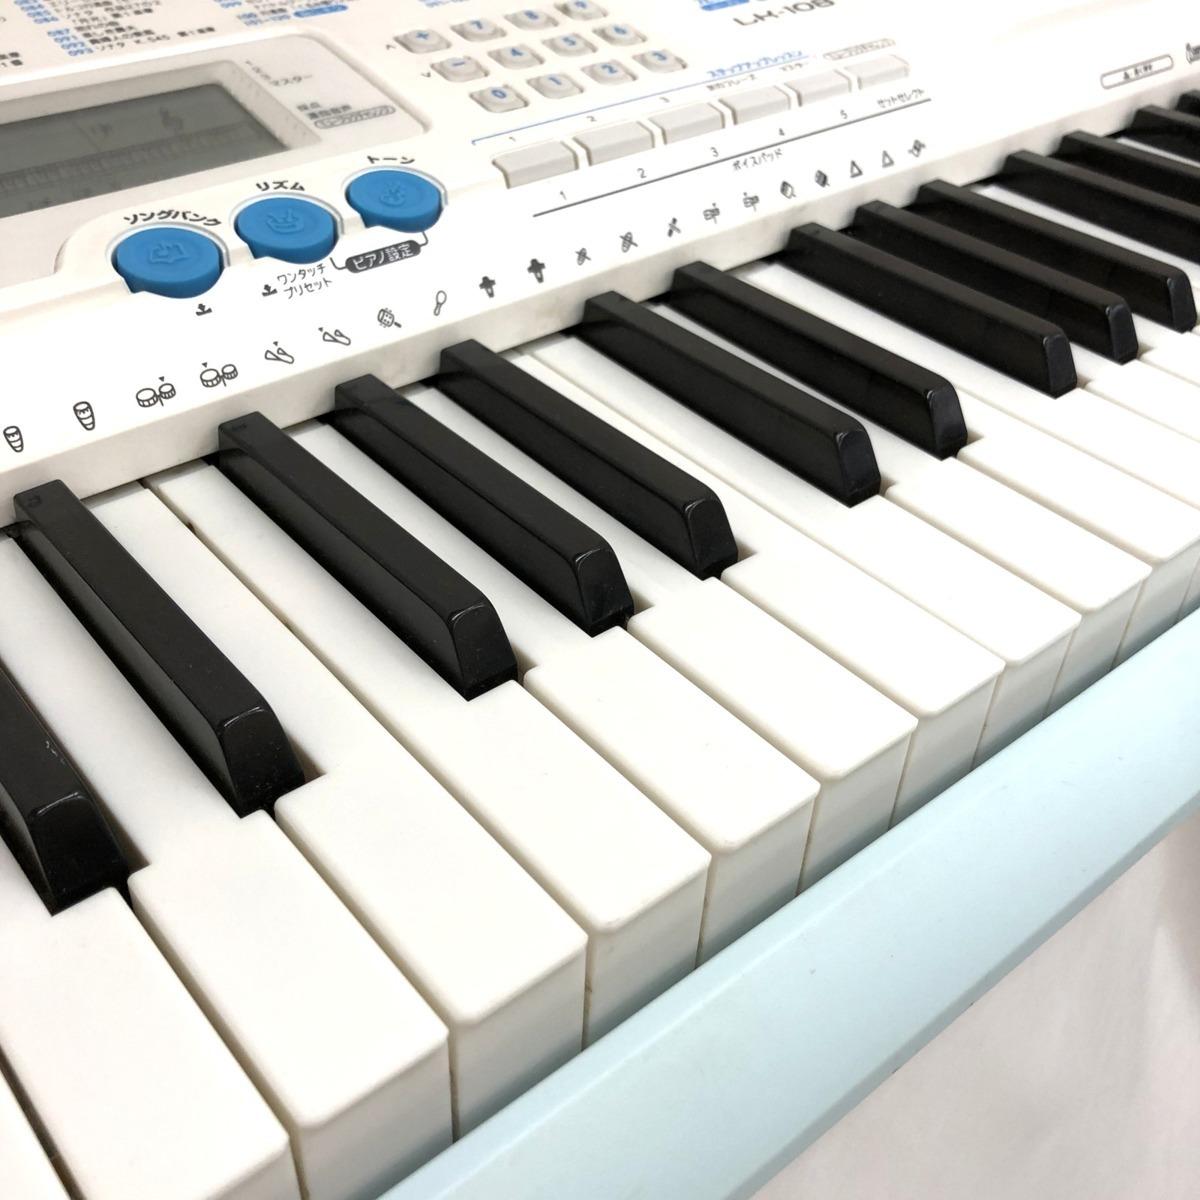 中古 CASIO カシオ 電子キーボード 光ナビゲーション LK-108 61鍵盤 ホワイト ライトブルー タッチレスポンス 電子ピアノ H15123_画像4